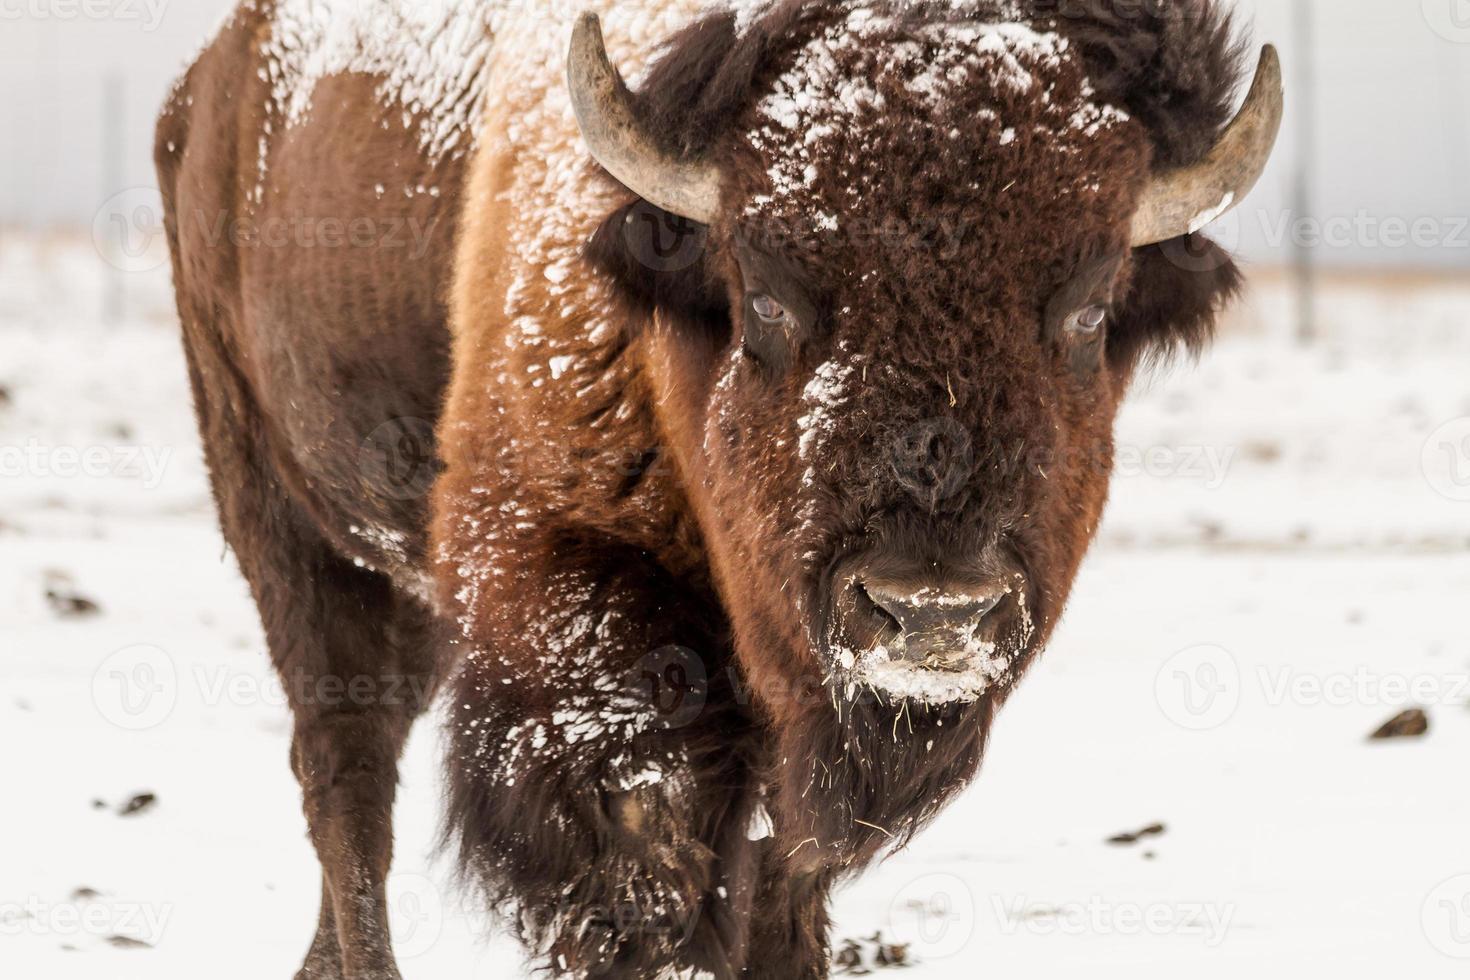 großer männlicher Büffel foto